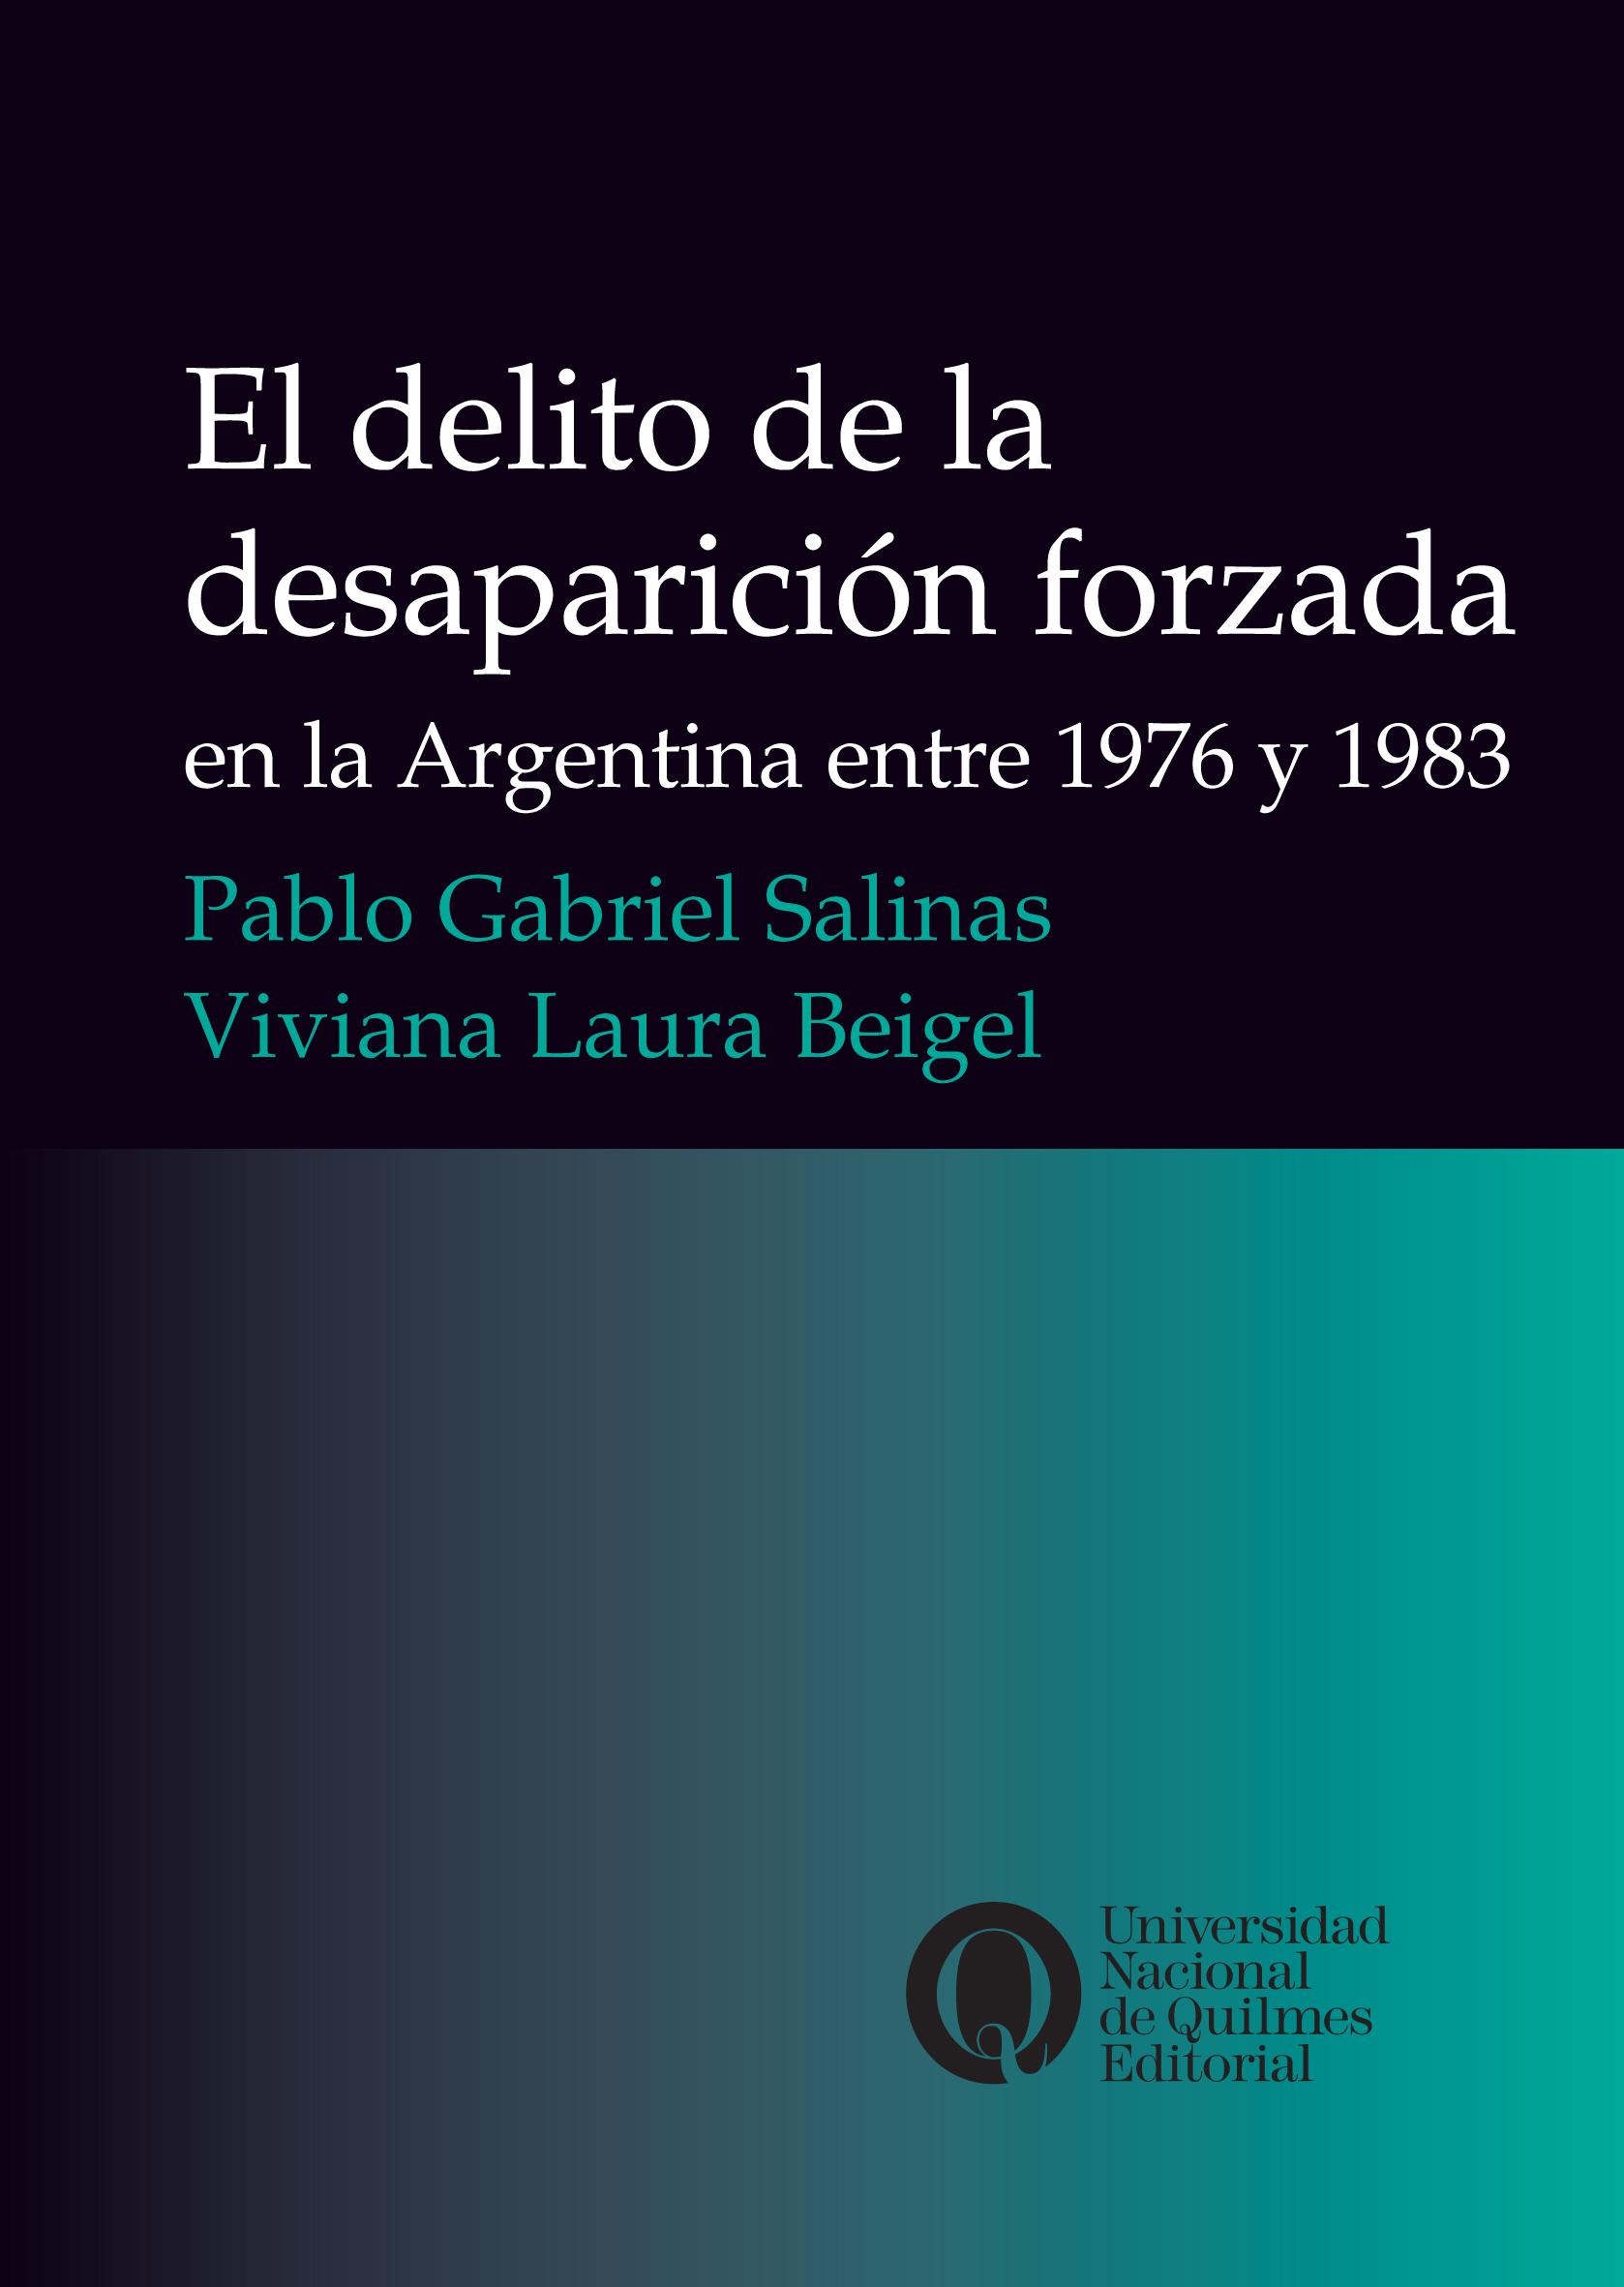 El delito de la desaparición forzada en la Argentina entre 1976 y 1983, dePablo Gabriel Salinas y Viviana Laura Beigel